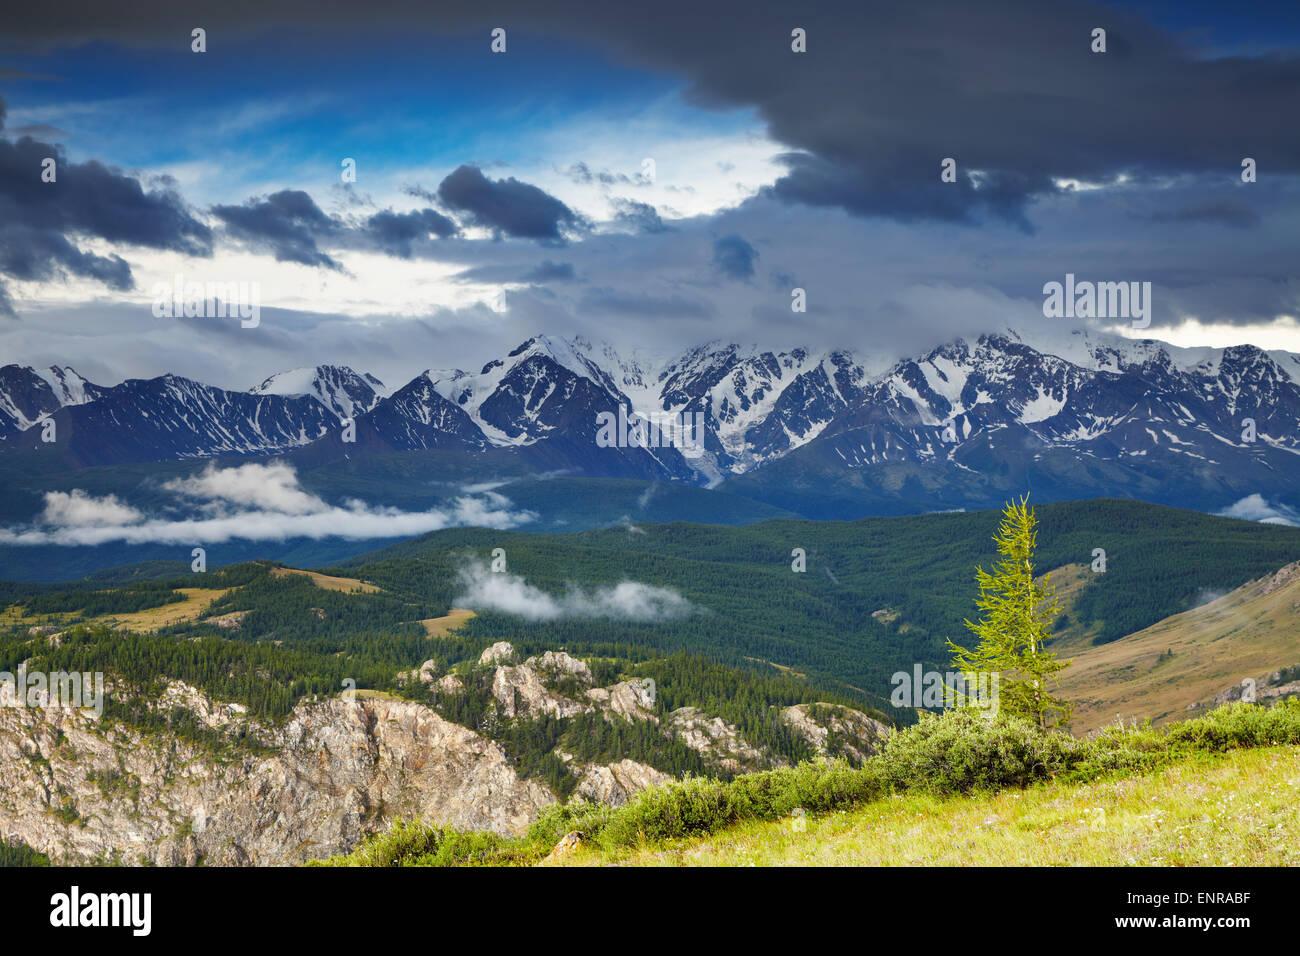 Paisaje con montañas nevadas y cielo nublado Imagen De Stock